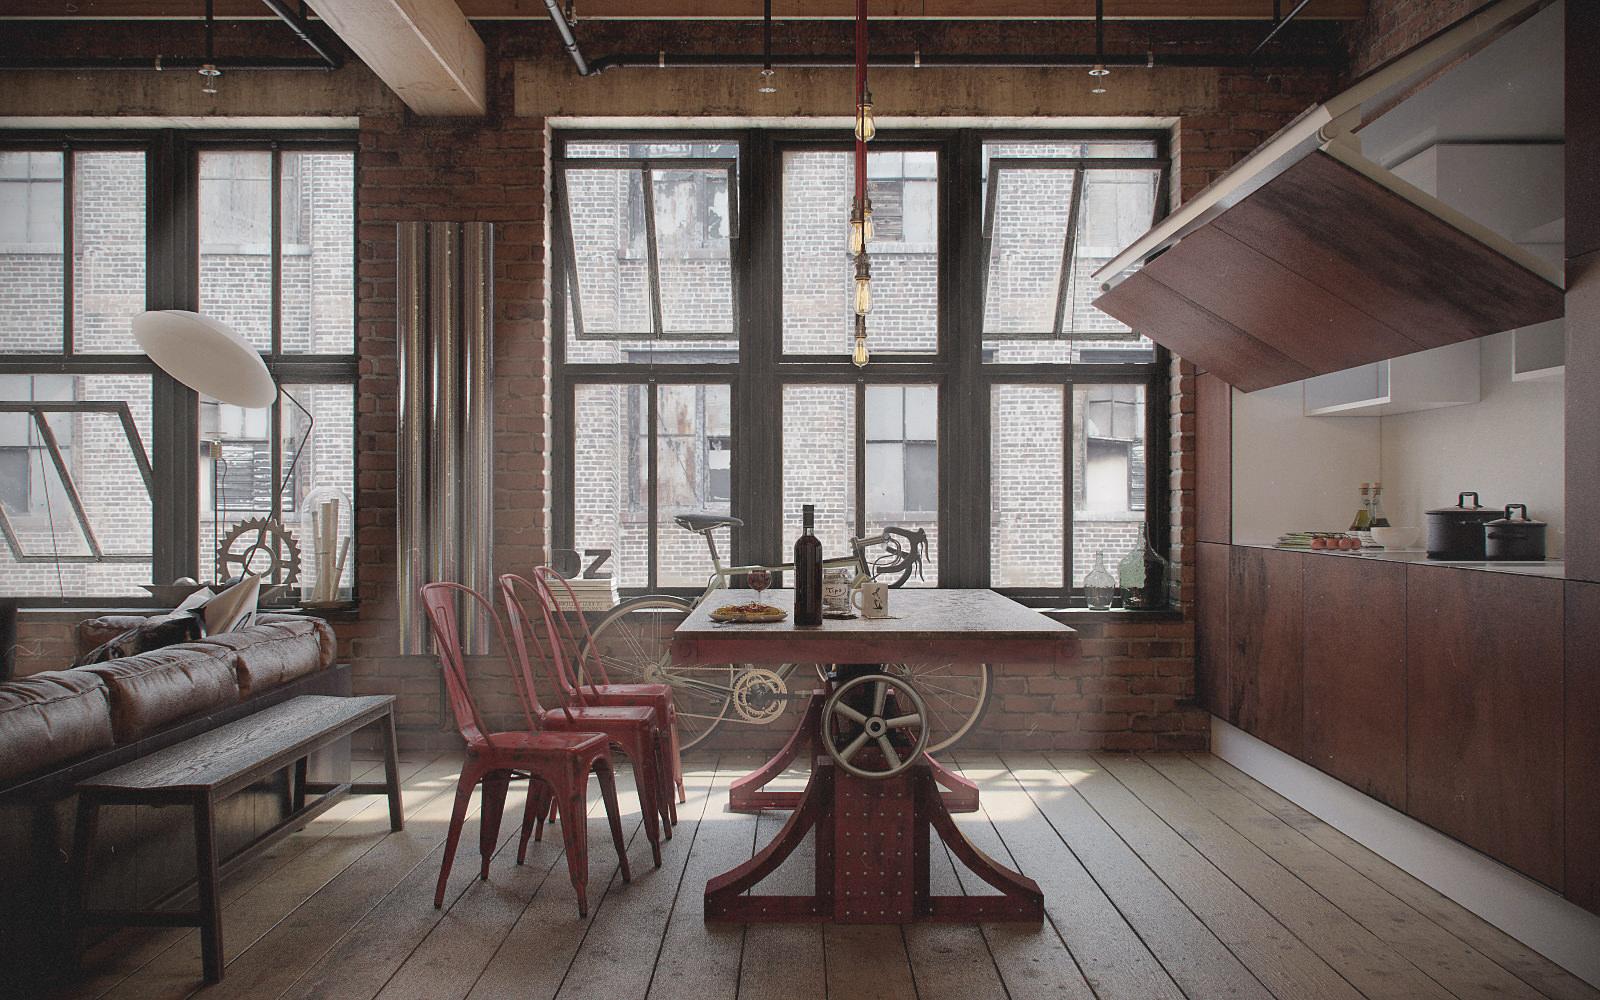 dizajn odnokomnatnoj kvartiry v stile loft14 - Phong Cách Industrial Decor - Hướng Dẫn